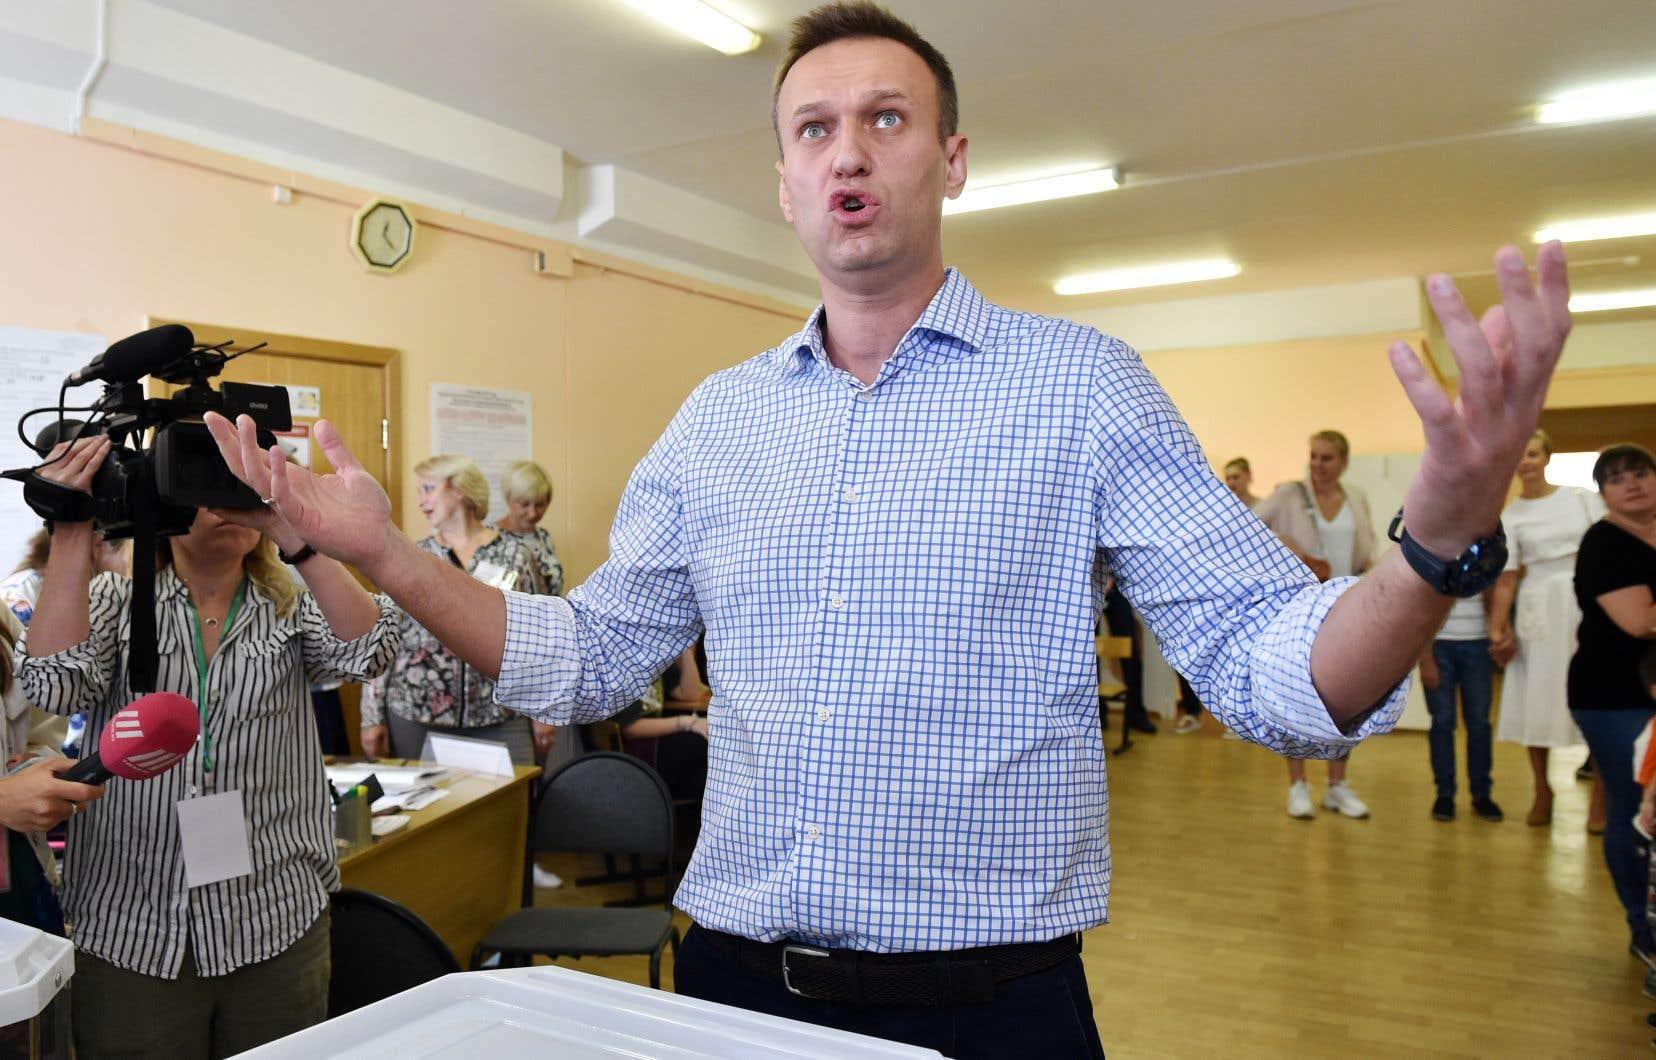 L'opposant Alexeï Navalny, dont tous les alliés ont été exclus du scrutin, avait appelé les électeurs à «voter intelligemment» en soutenant les mieux placés pour battre les candidats du Kremlin.